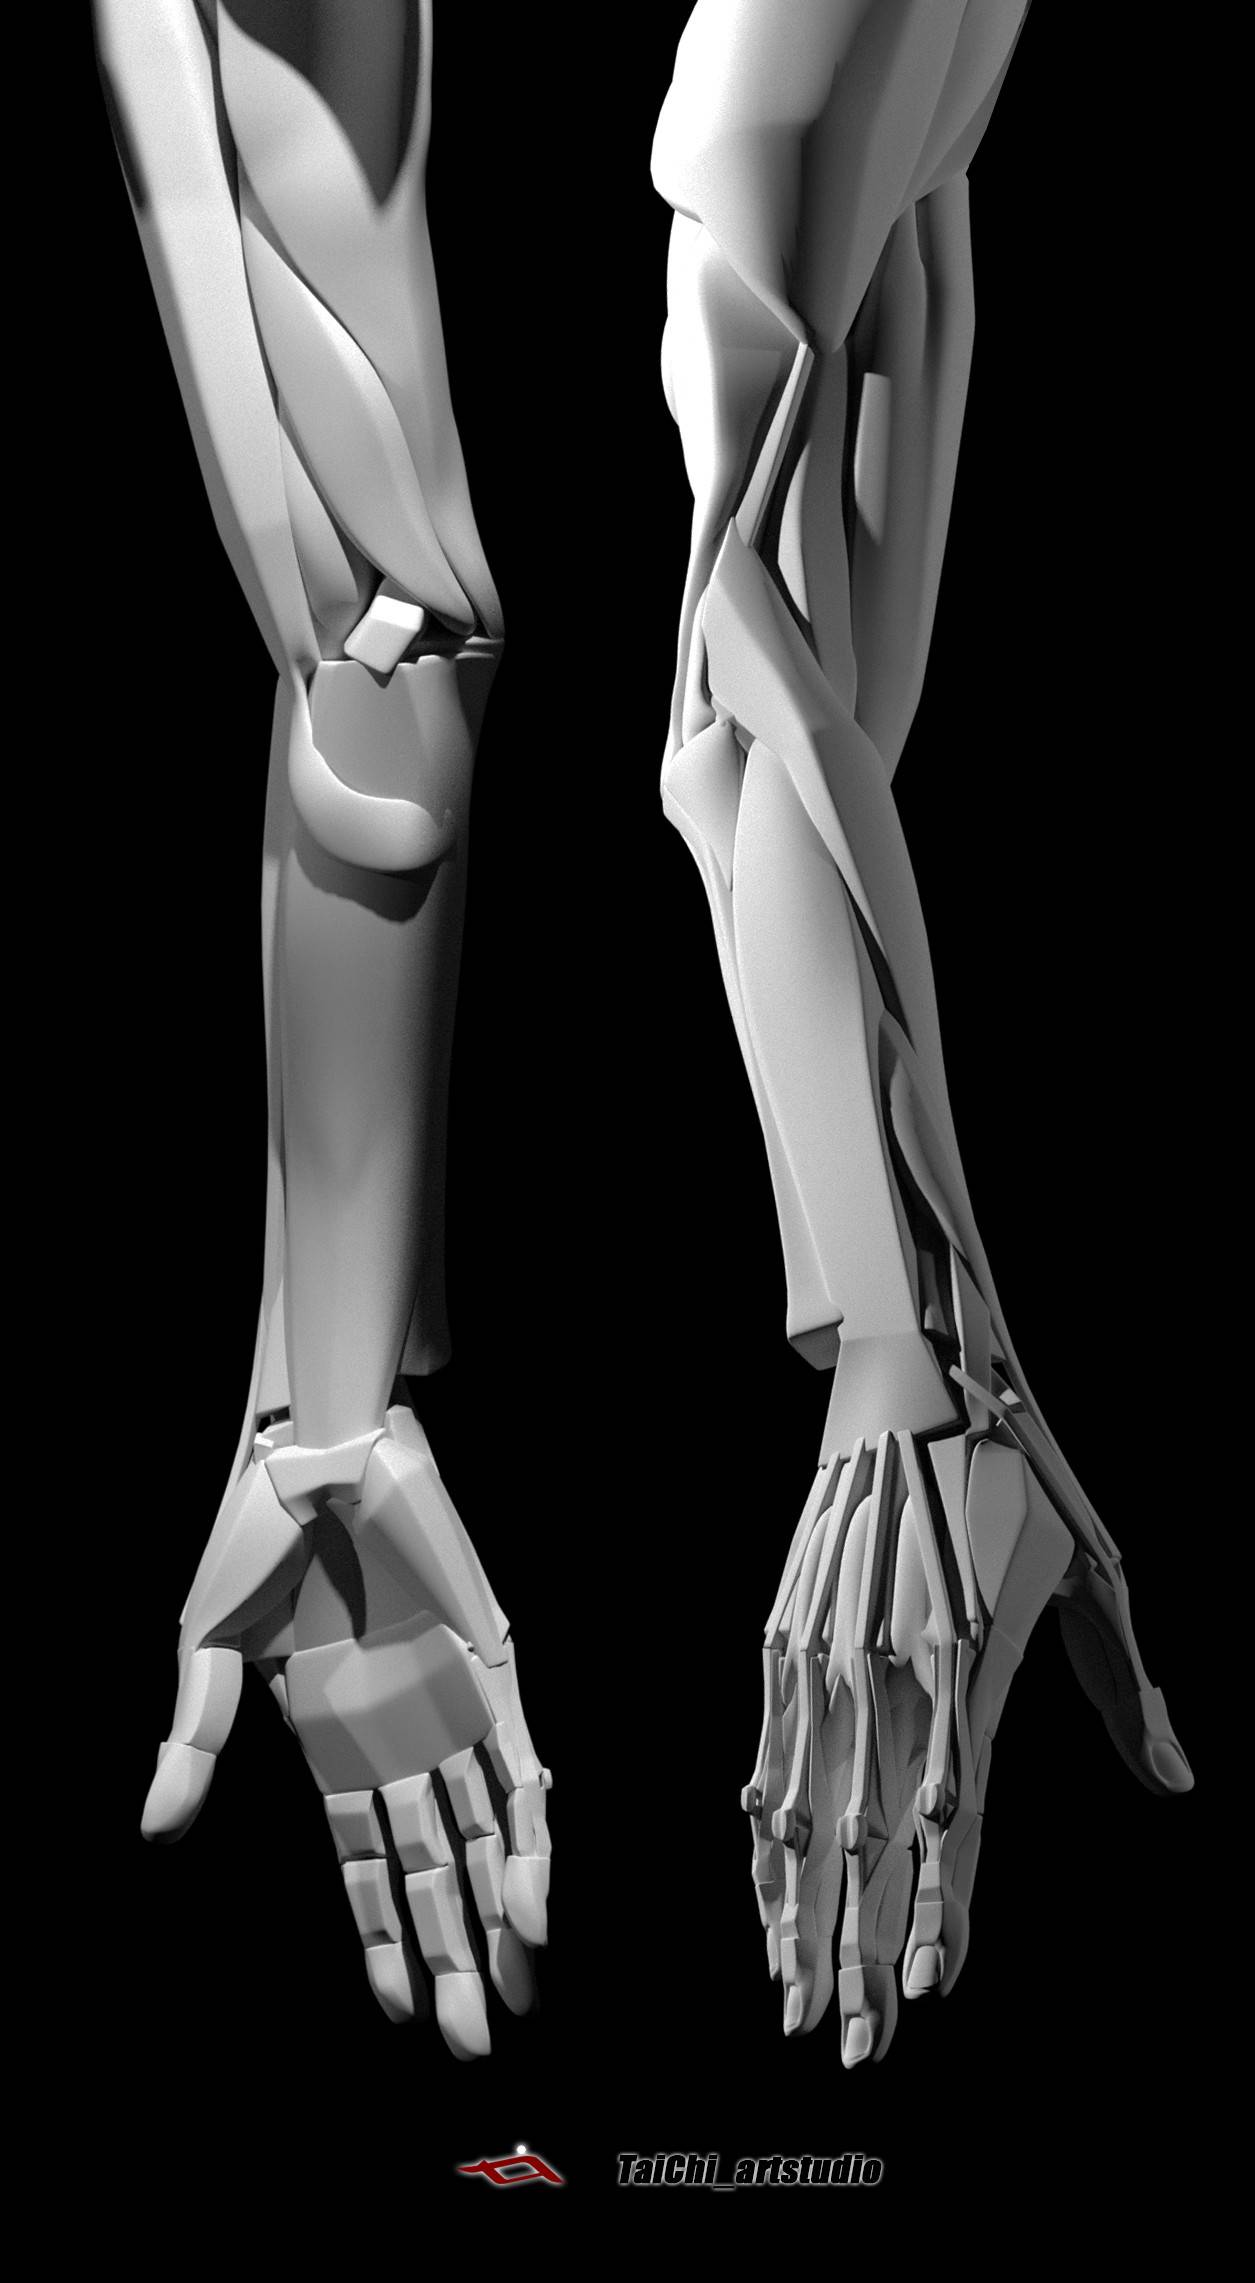 非常不错的人体分面图,美术练习的好东西! - R 站 学习使我快乐! - 30